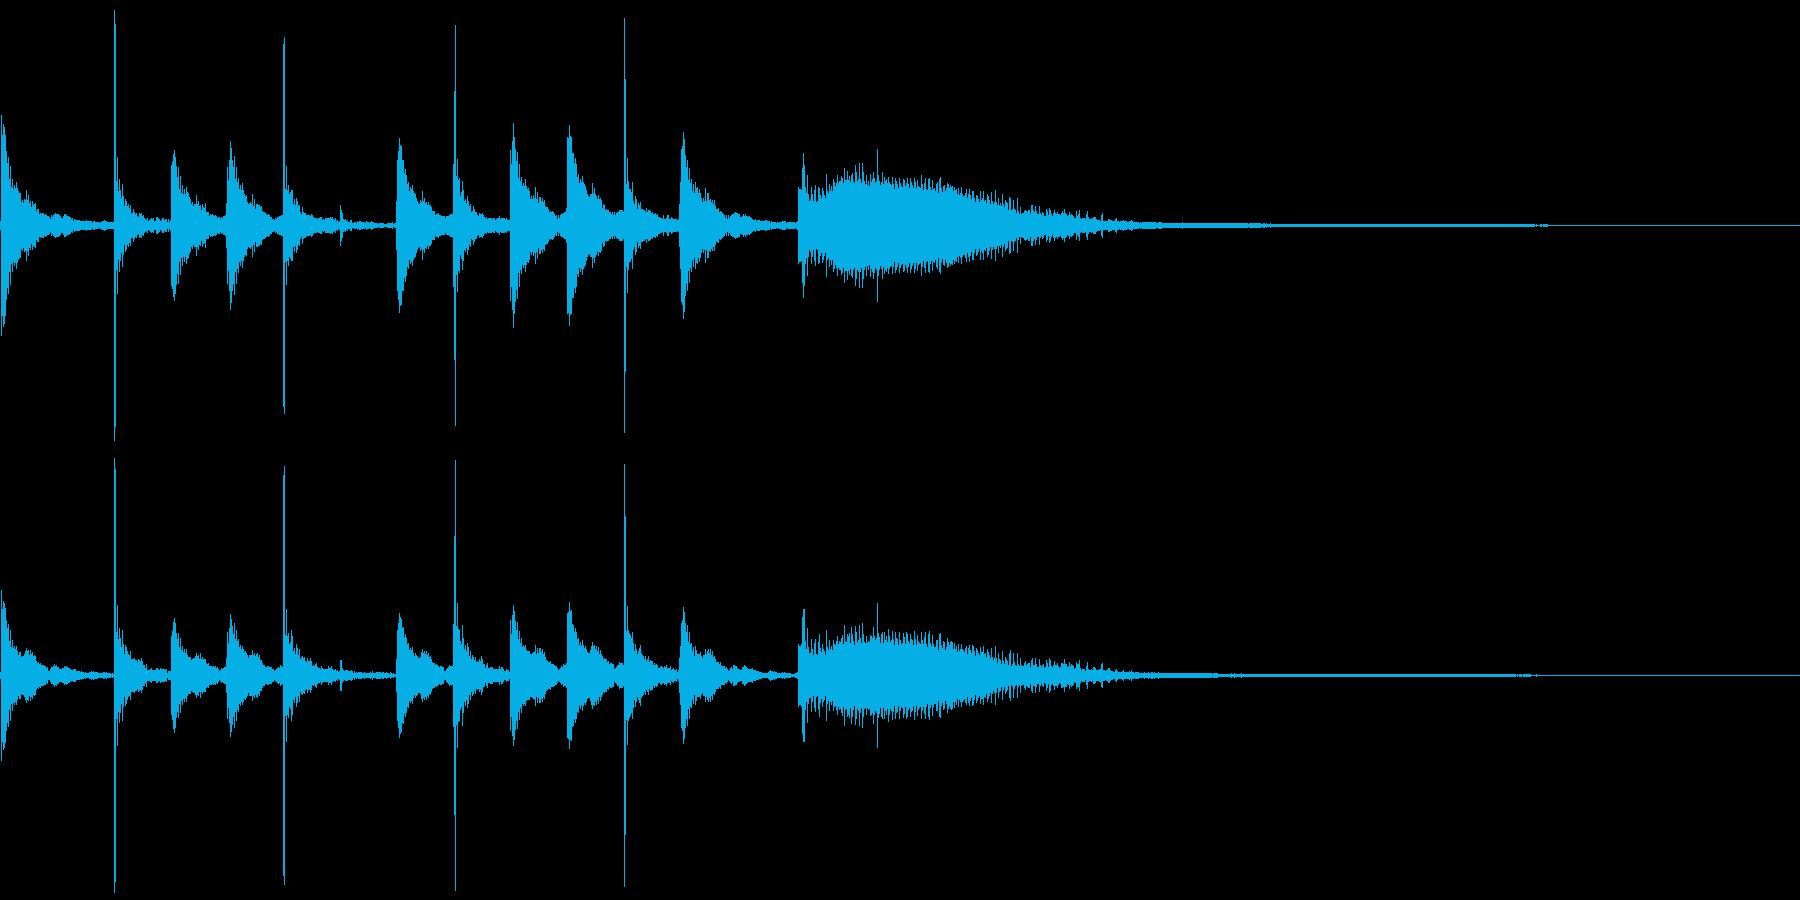 気の抜けたパーカッションのフレーズ 1Aの再生済みの波形